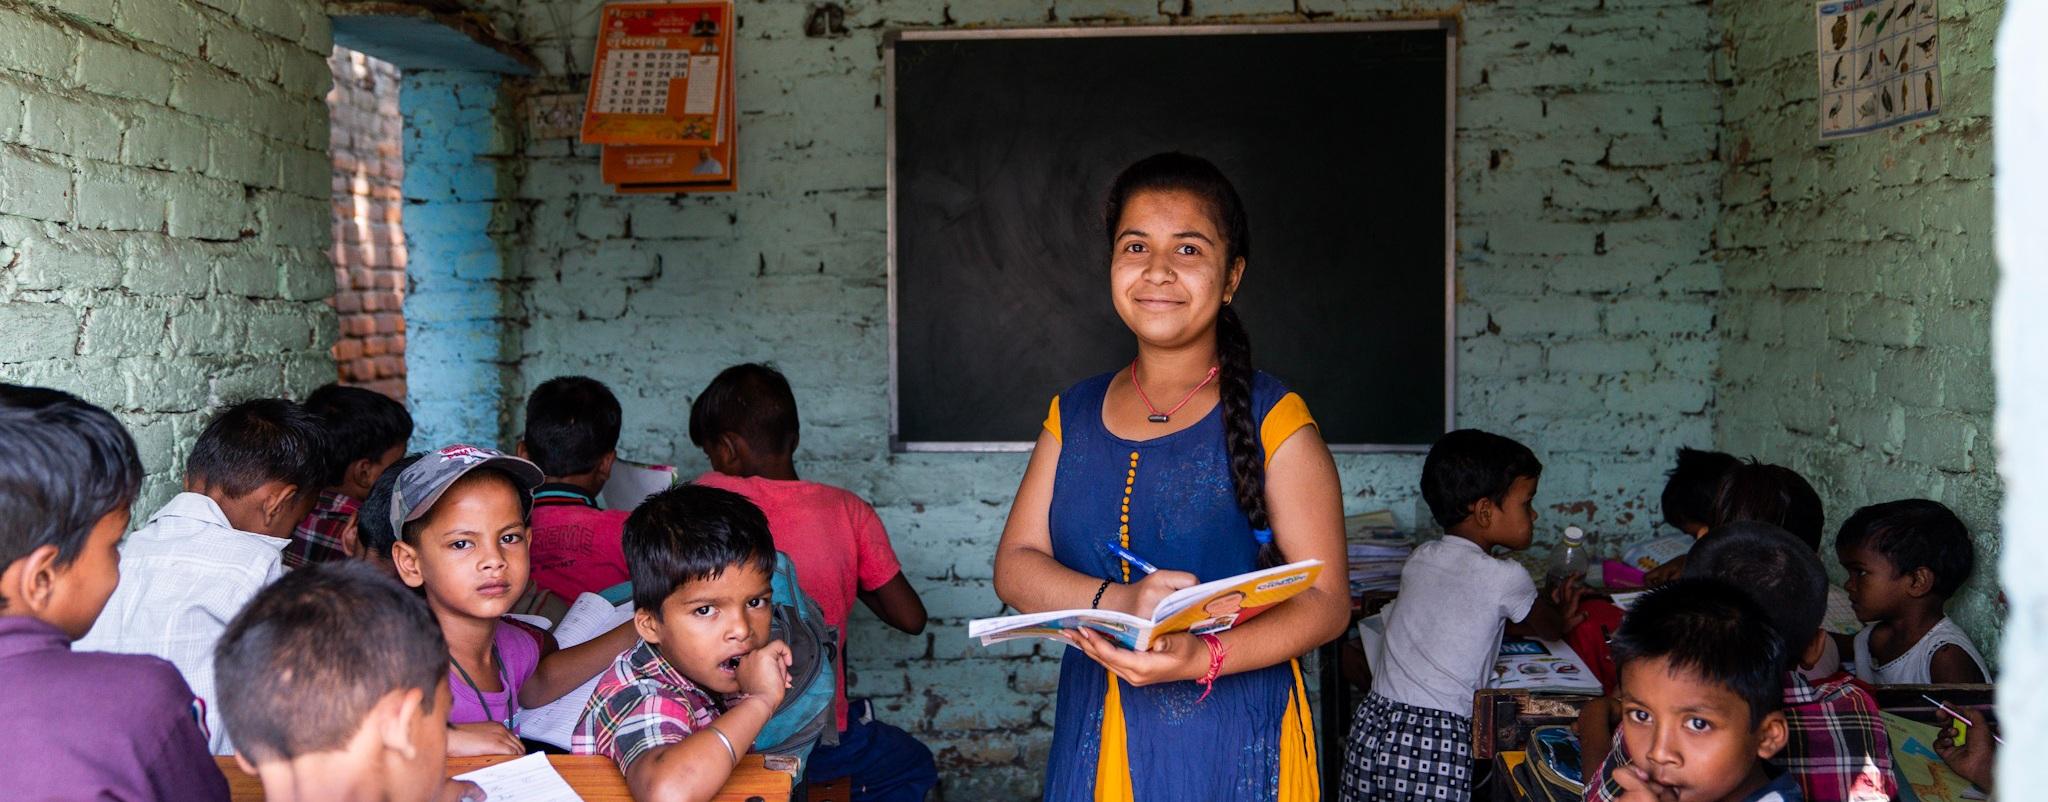 Rise+Slum+School